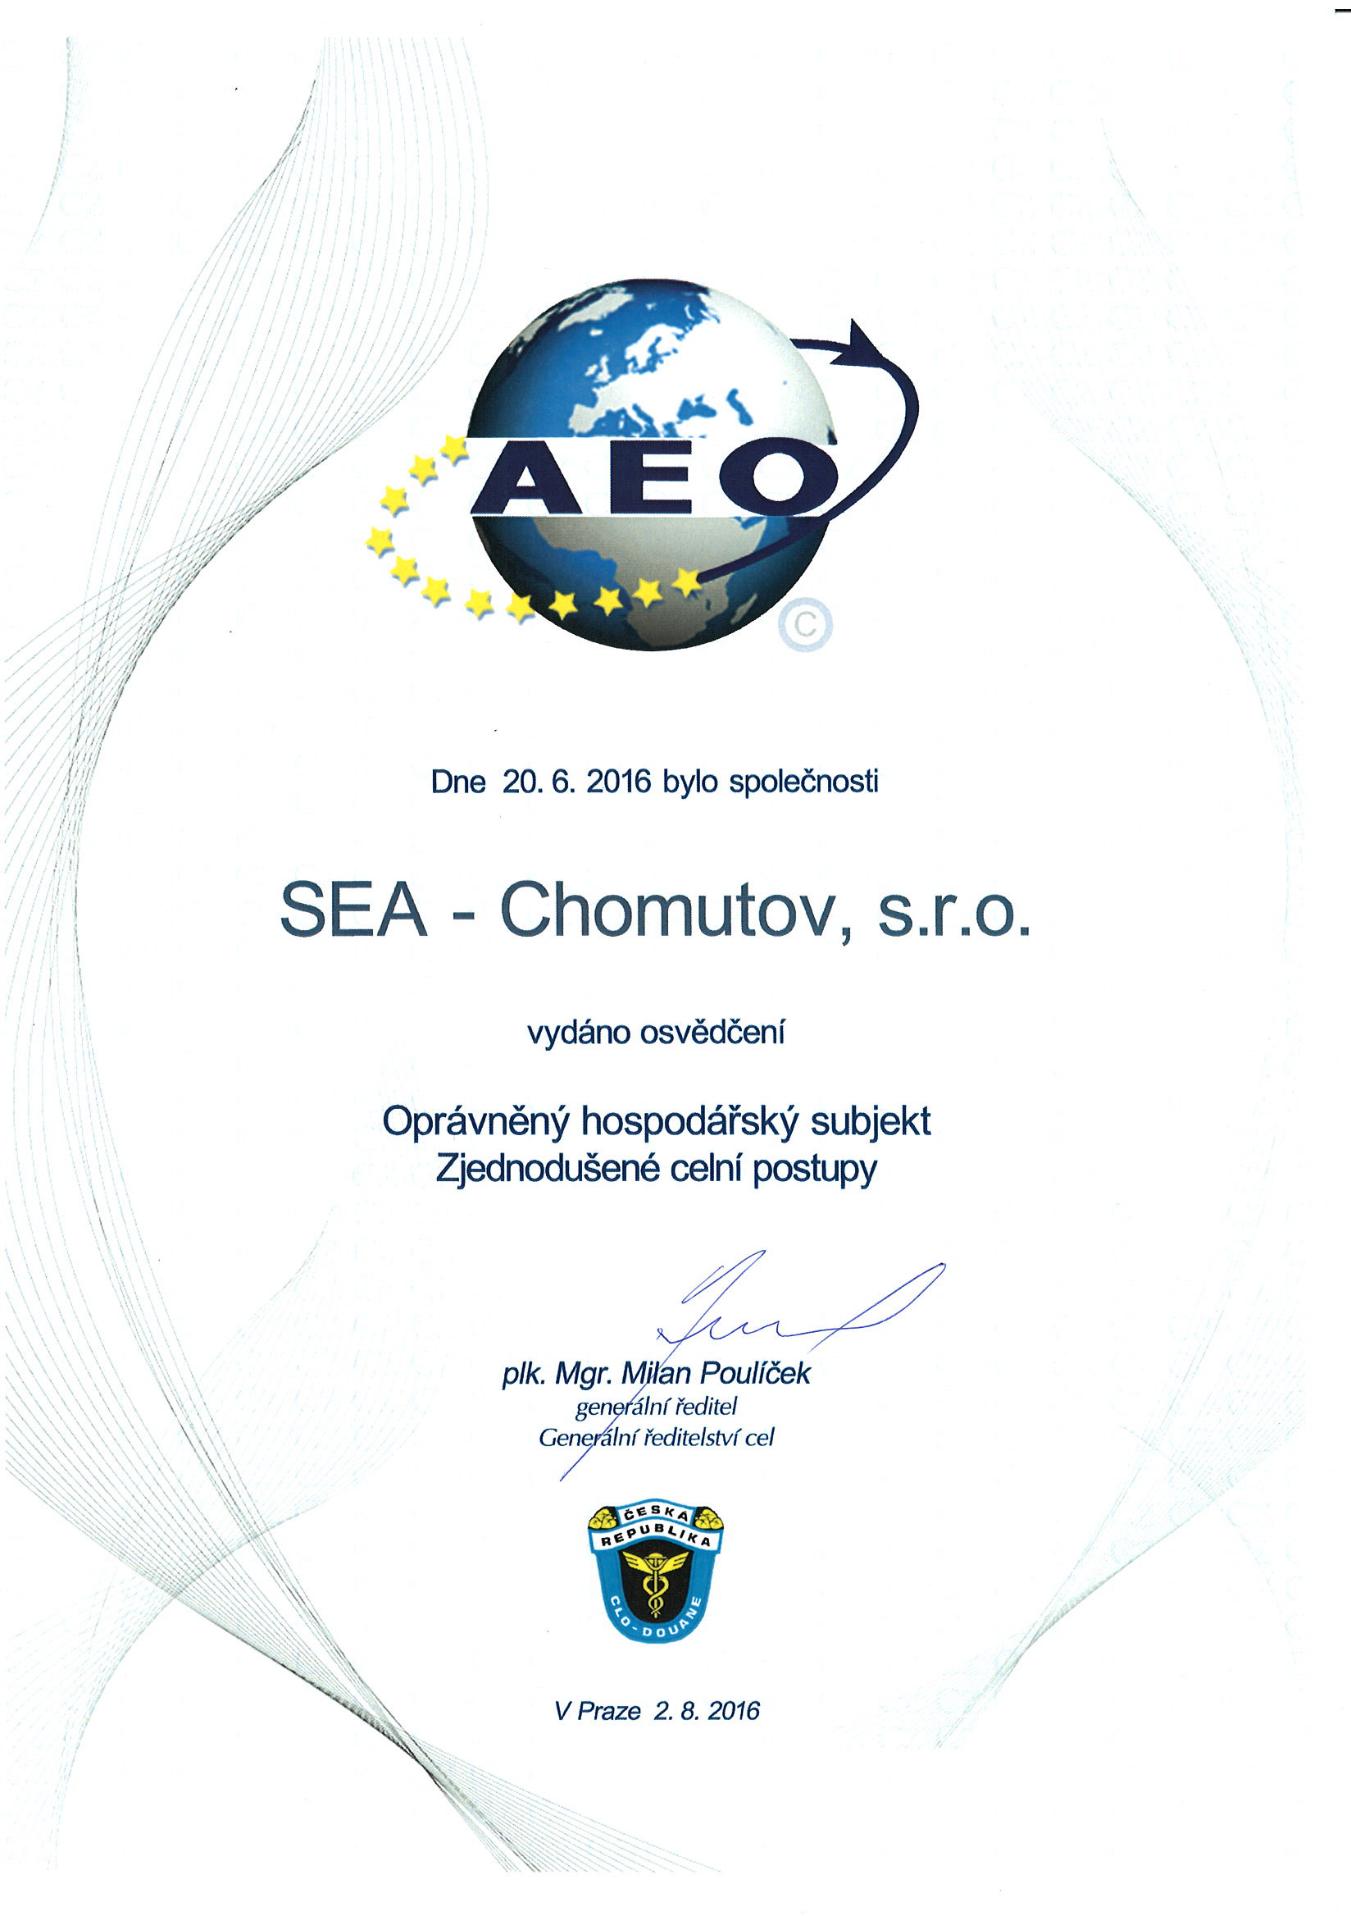 Certifikát AEO